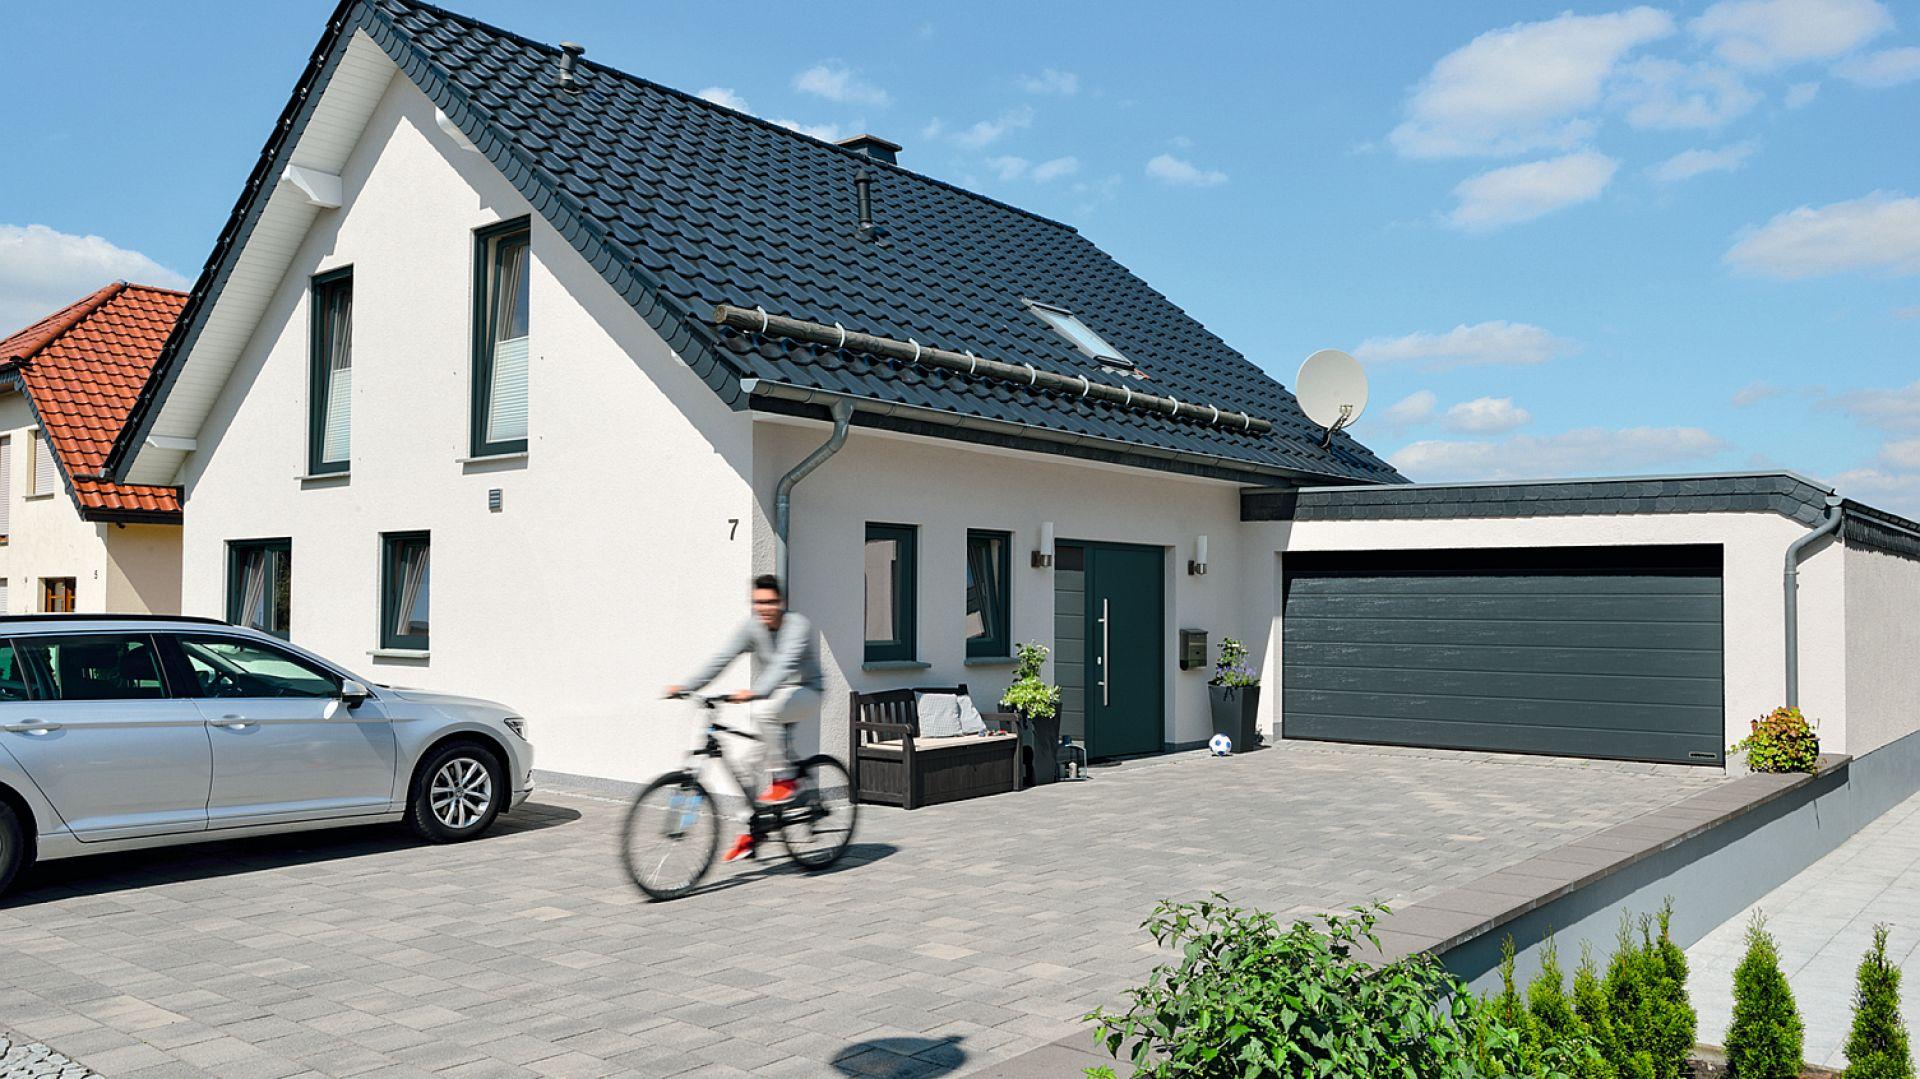 Rynek bram garażowych może z początku przytłaczać bogactwem i zróżnicowaniem oferty pod względem konstrukcji, parametrów technicznych, sposobu otwierania oraz wzornictwa. Jeśli właściwie dobierzemy model bramy garażowej to będzie on nie tylko będzie niezawodnie służył przez długie lata, ale też i ozdobi nasz dom. Fot. Hörmann